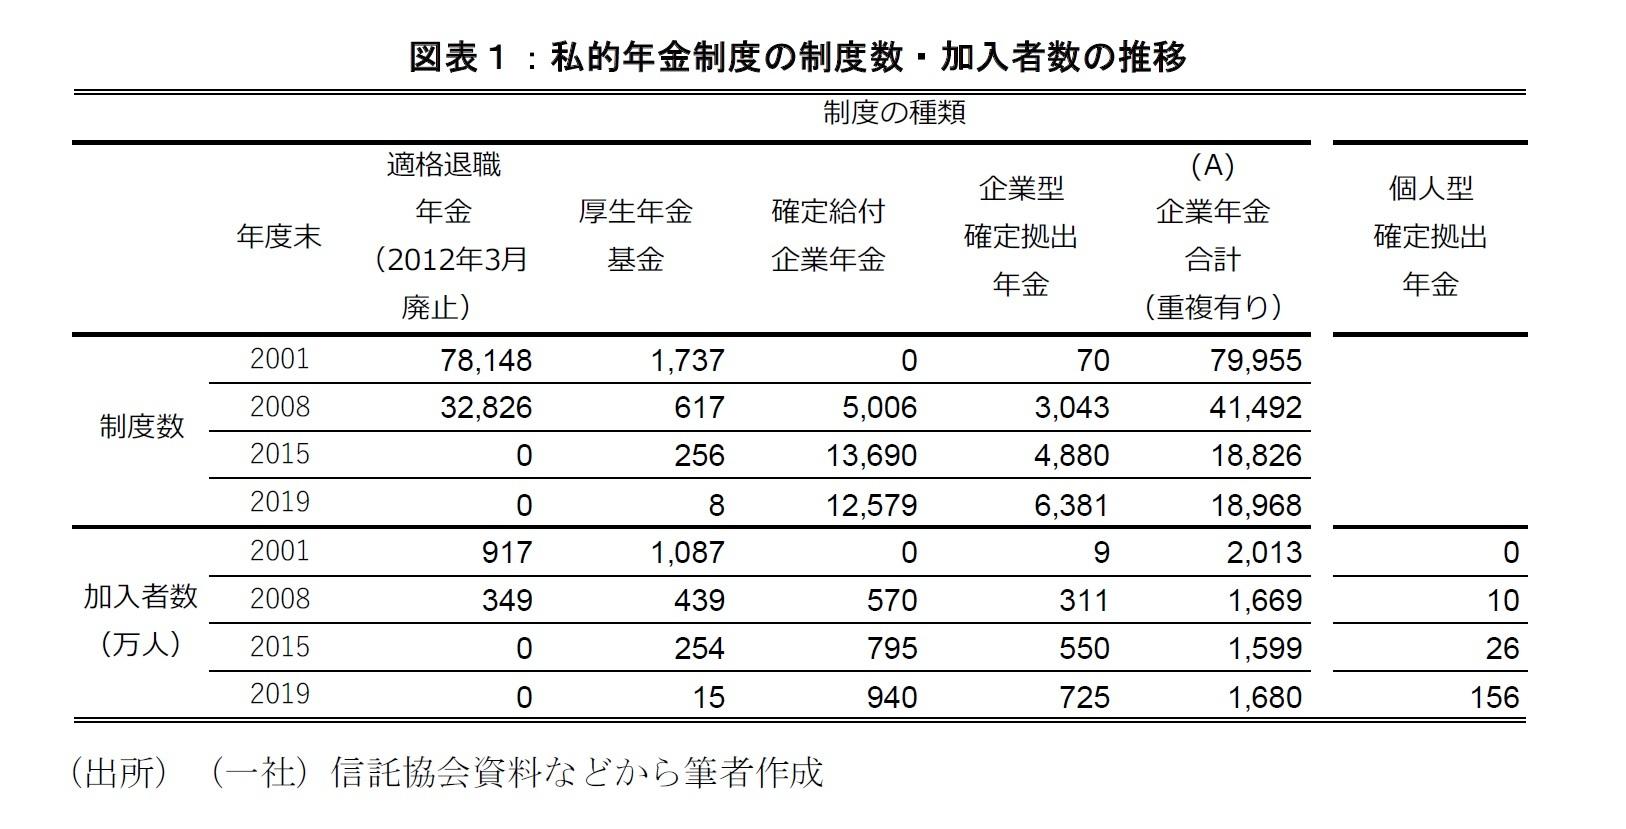 図表1:私的年金制度の制度数・加入者数の推移